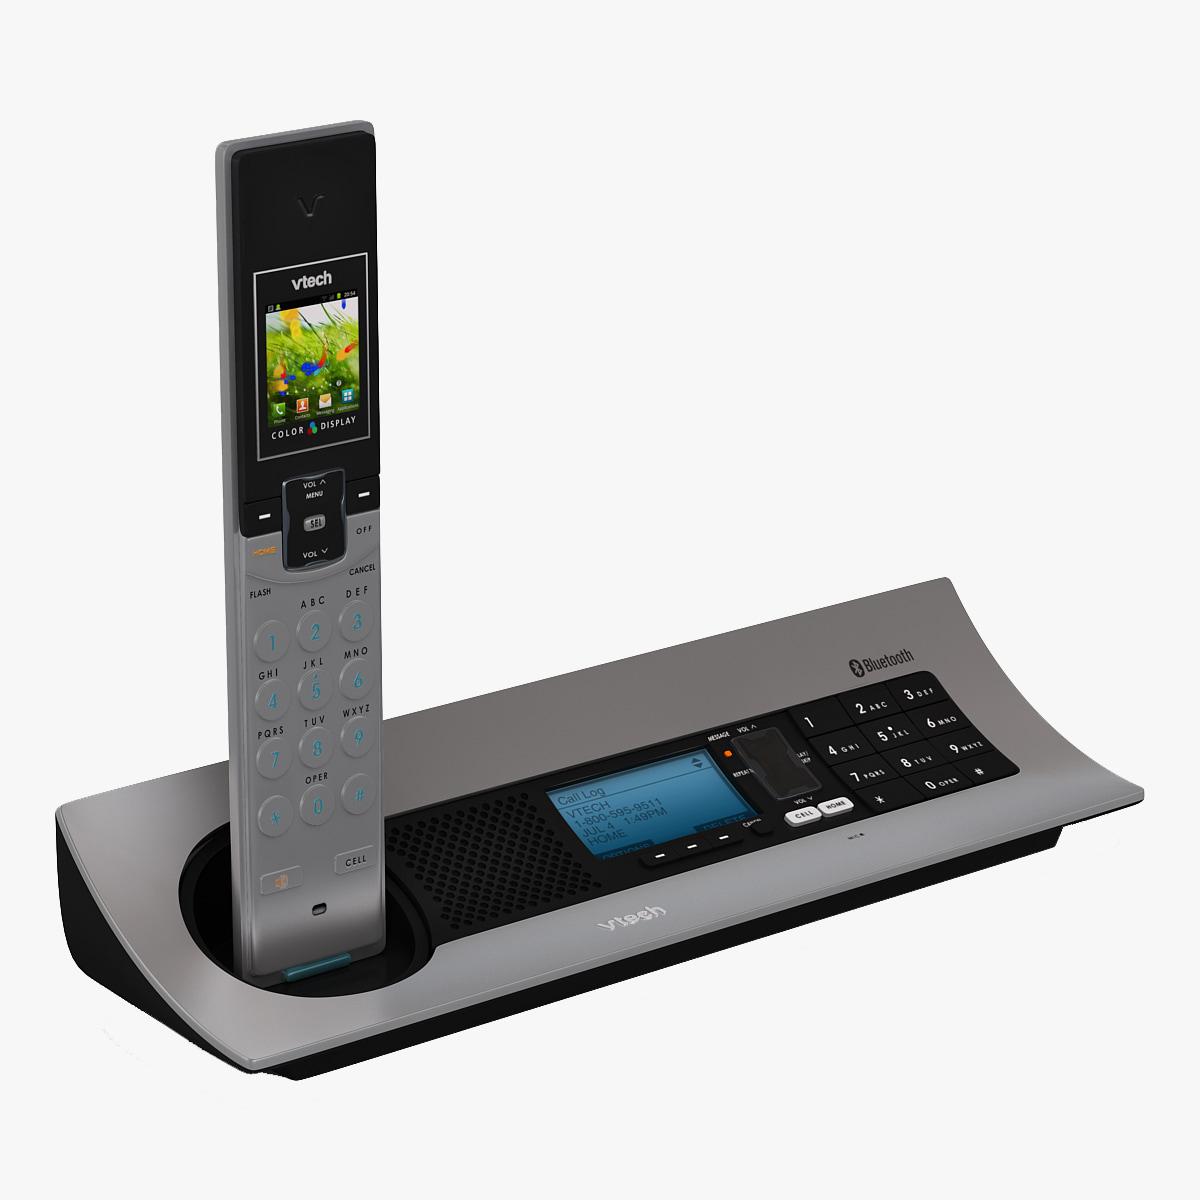 Bluetooth_Home_Phone_VTech_LS5145_000.jpg